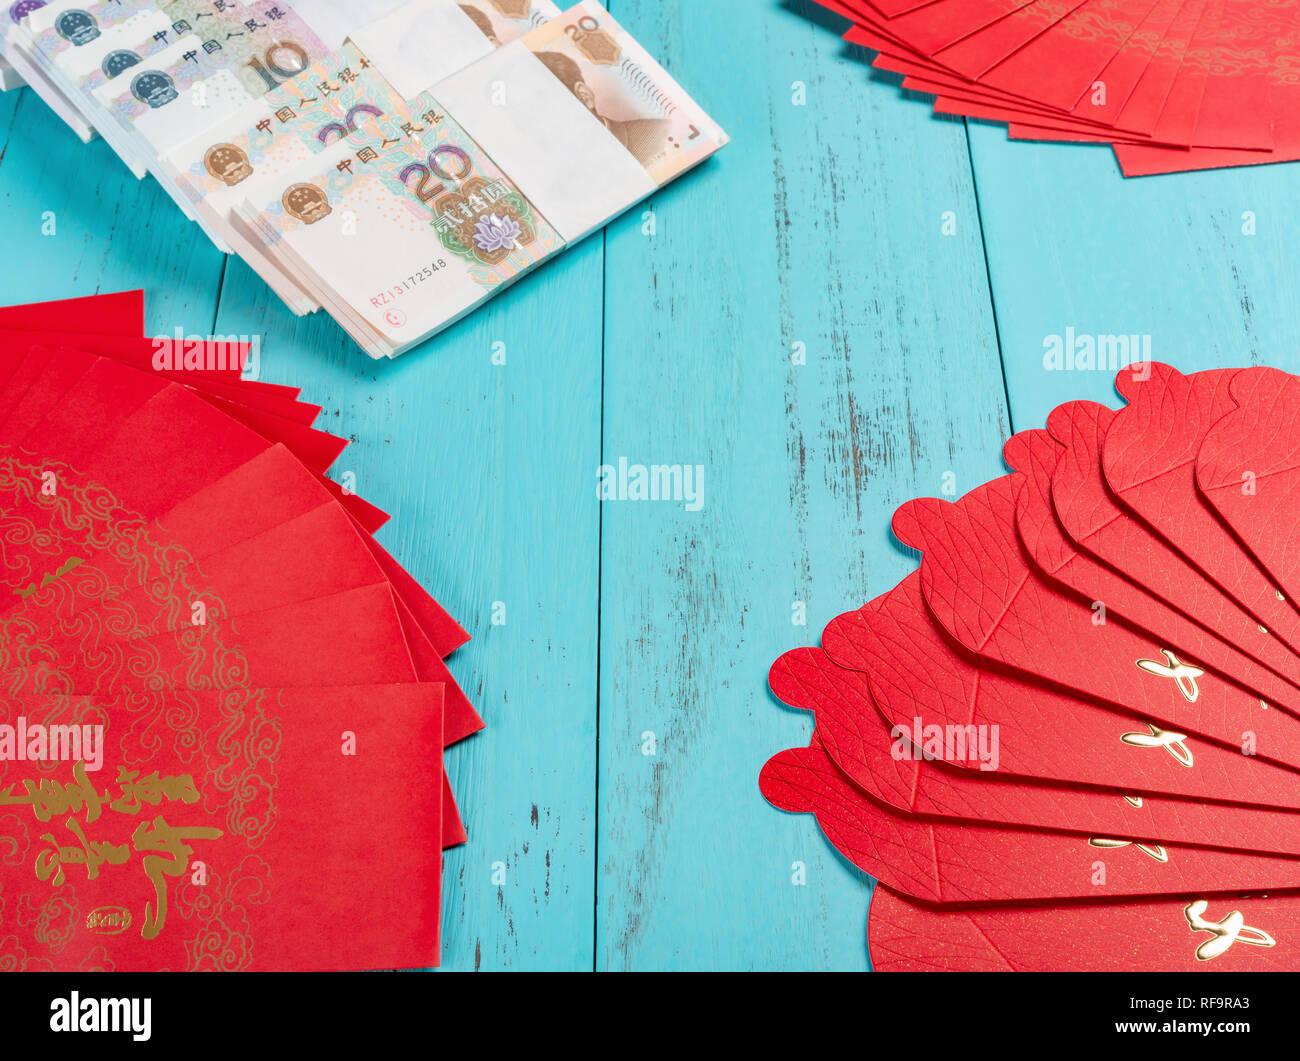 Nuevo papel moneda para bolsillos rojos Engllish Traducción de chino-todo va bien como deseos Imagen De Stock